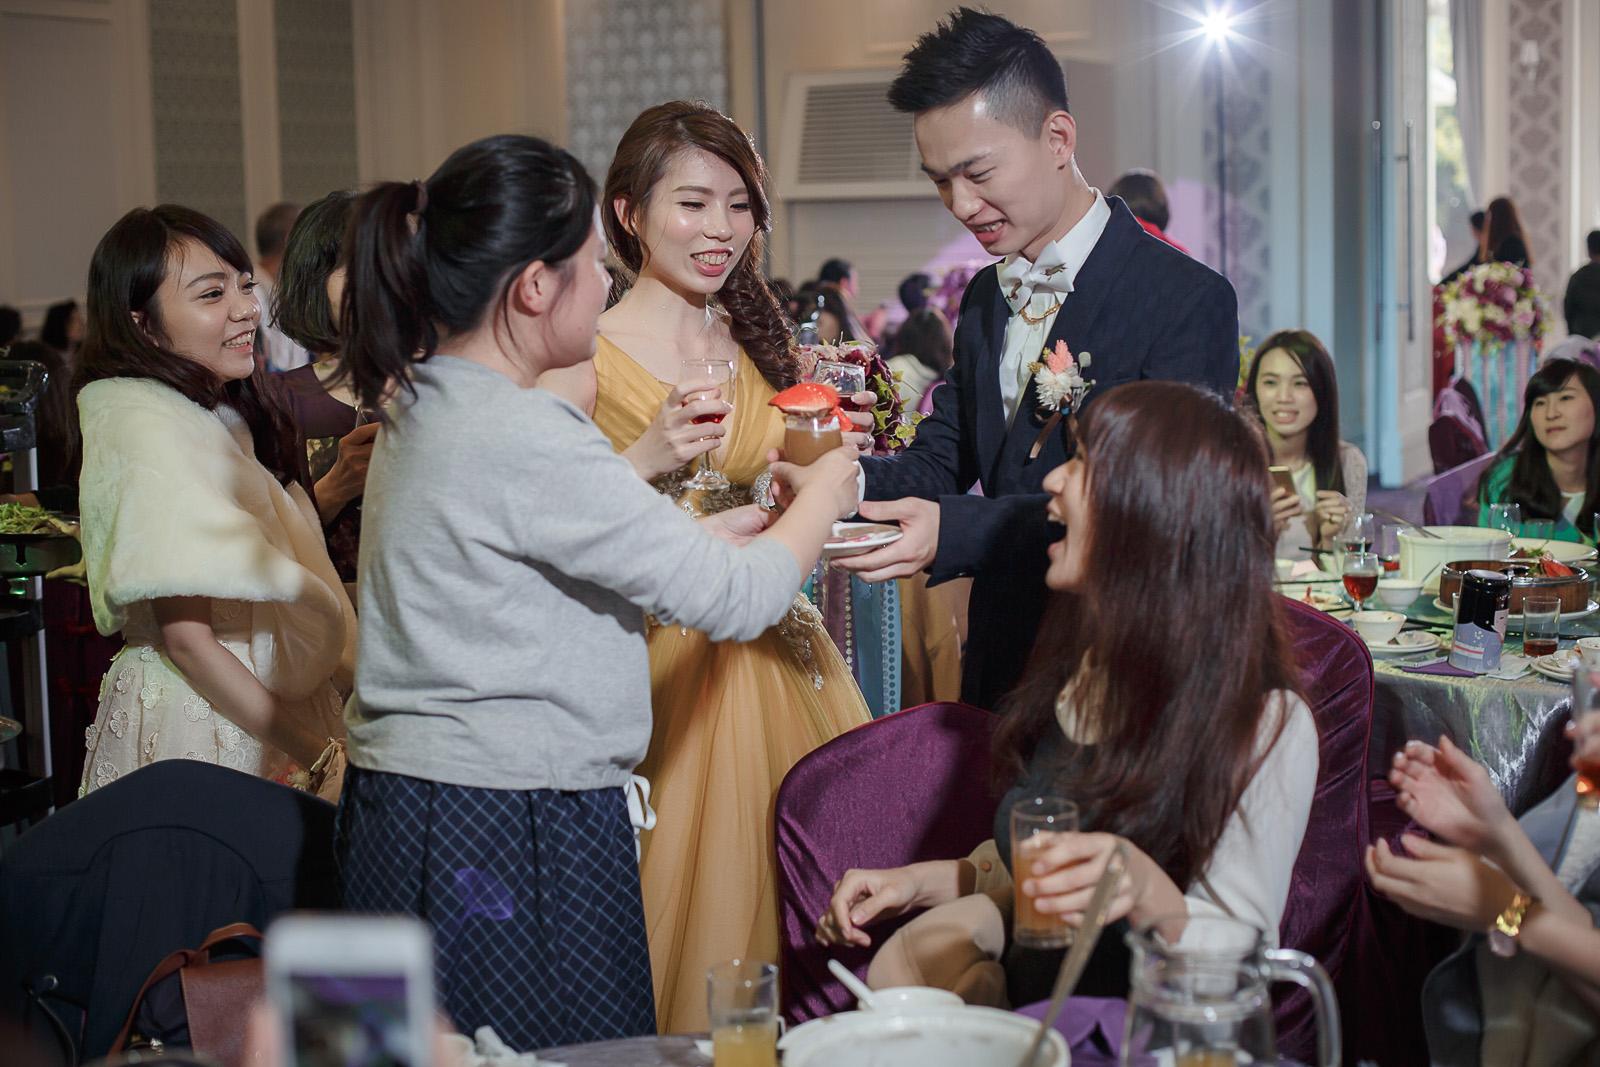 高雄圓山飯店,婚禮攝影,婚攝,高雄婚攝,優質婚攝推薦,Jen&Ethan-315